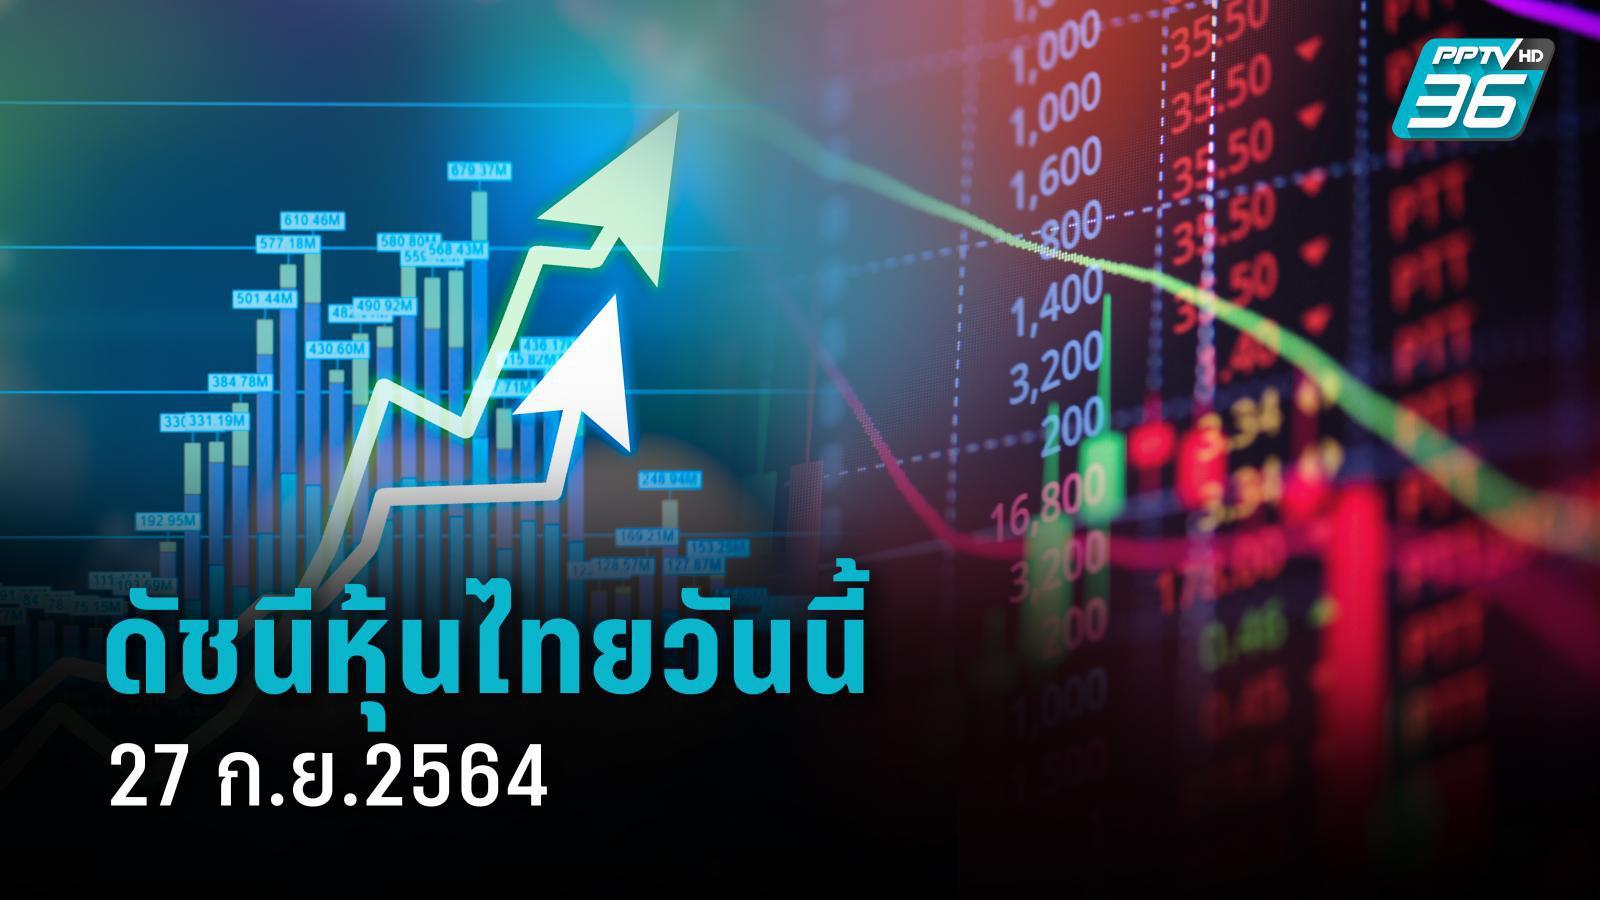 หุ้นไทยวันนี้ (27 ก.ย.64) ปิดการซื้อขายรูดลง -11.13จุด